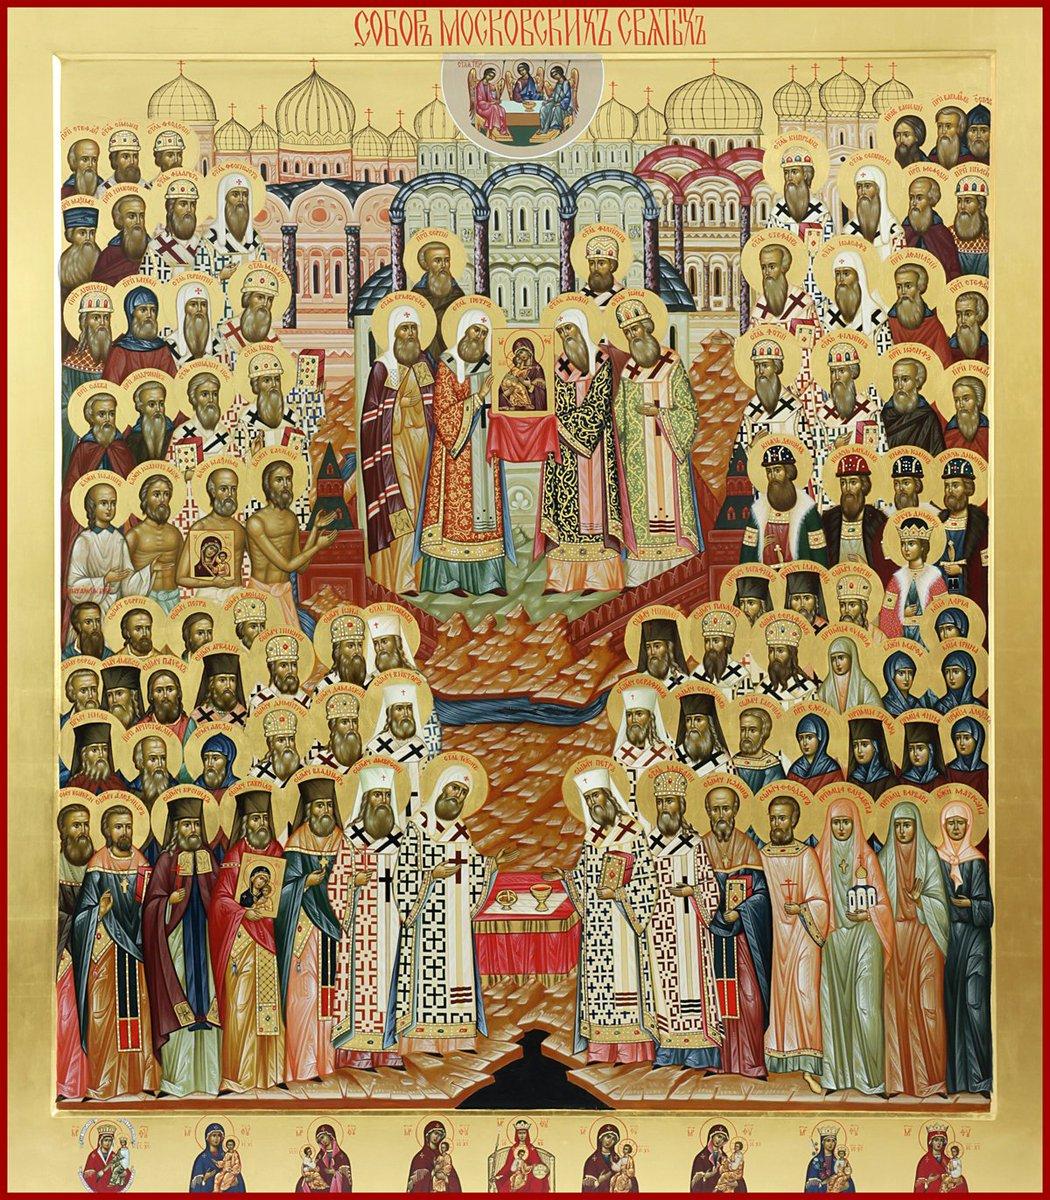 Собор московских святых 2 сентября: mysea — LiveJournal